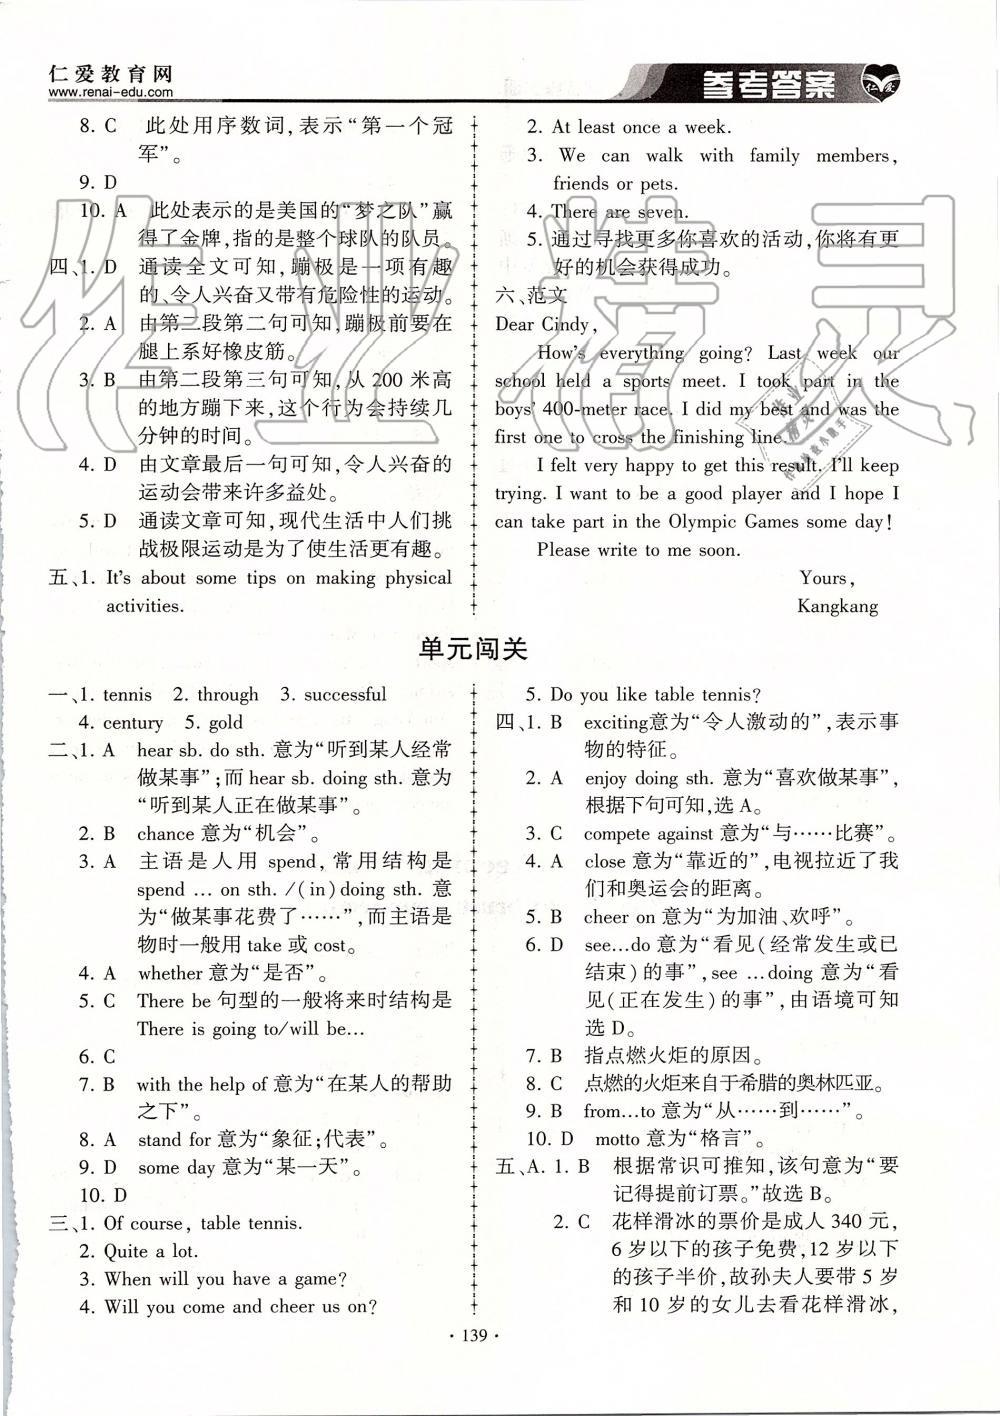 2019年仁爱英语同步练习册八年级上册仁爱版第7页